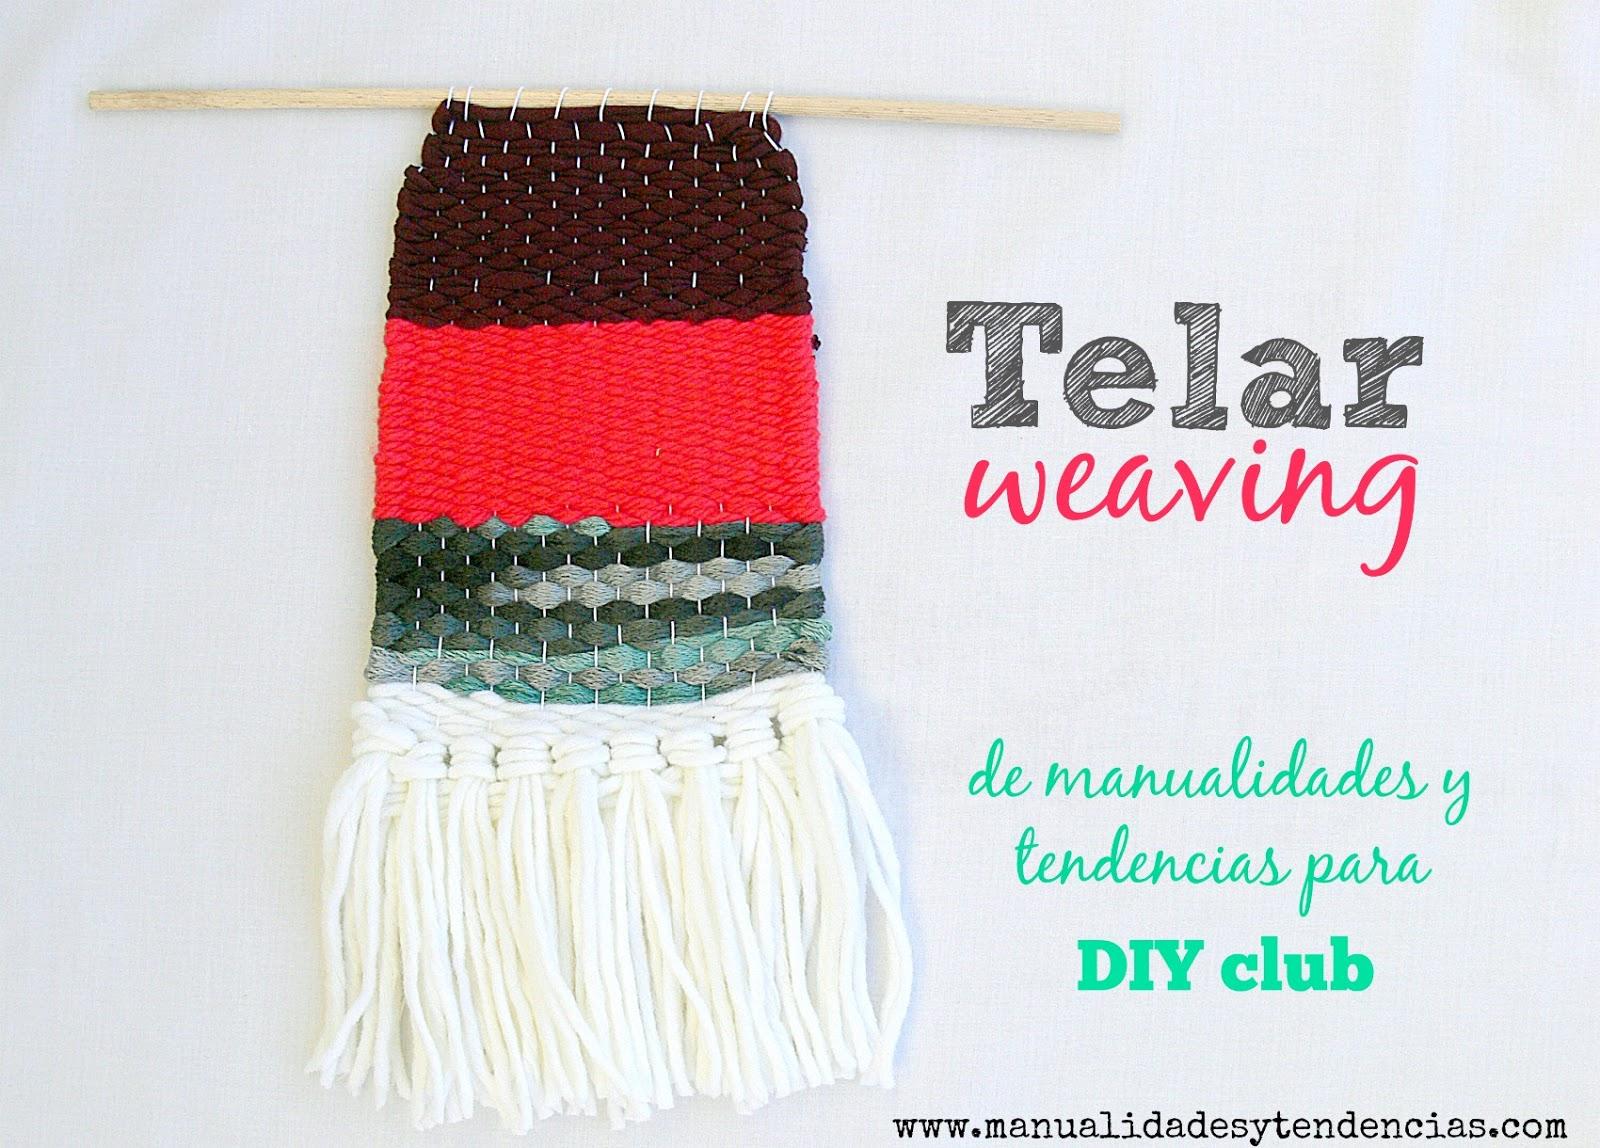 Cómo tejer con telar: weaving - Handbox Craft Lovers | Comunidad DIY ...